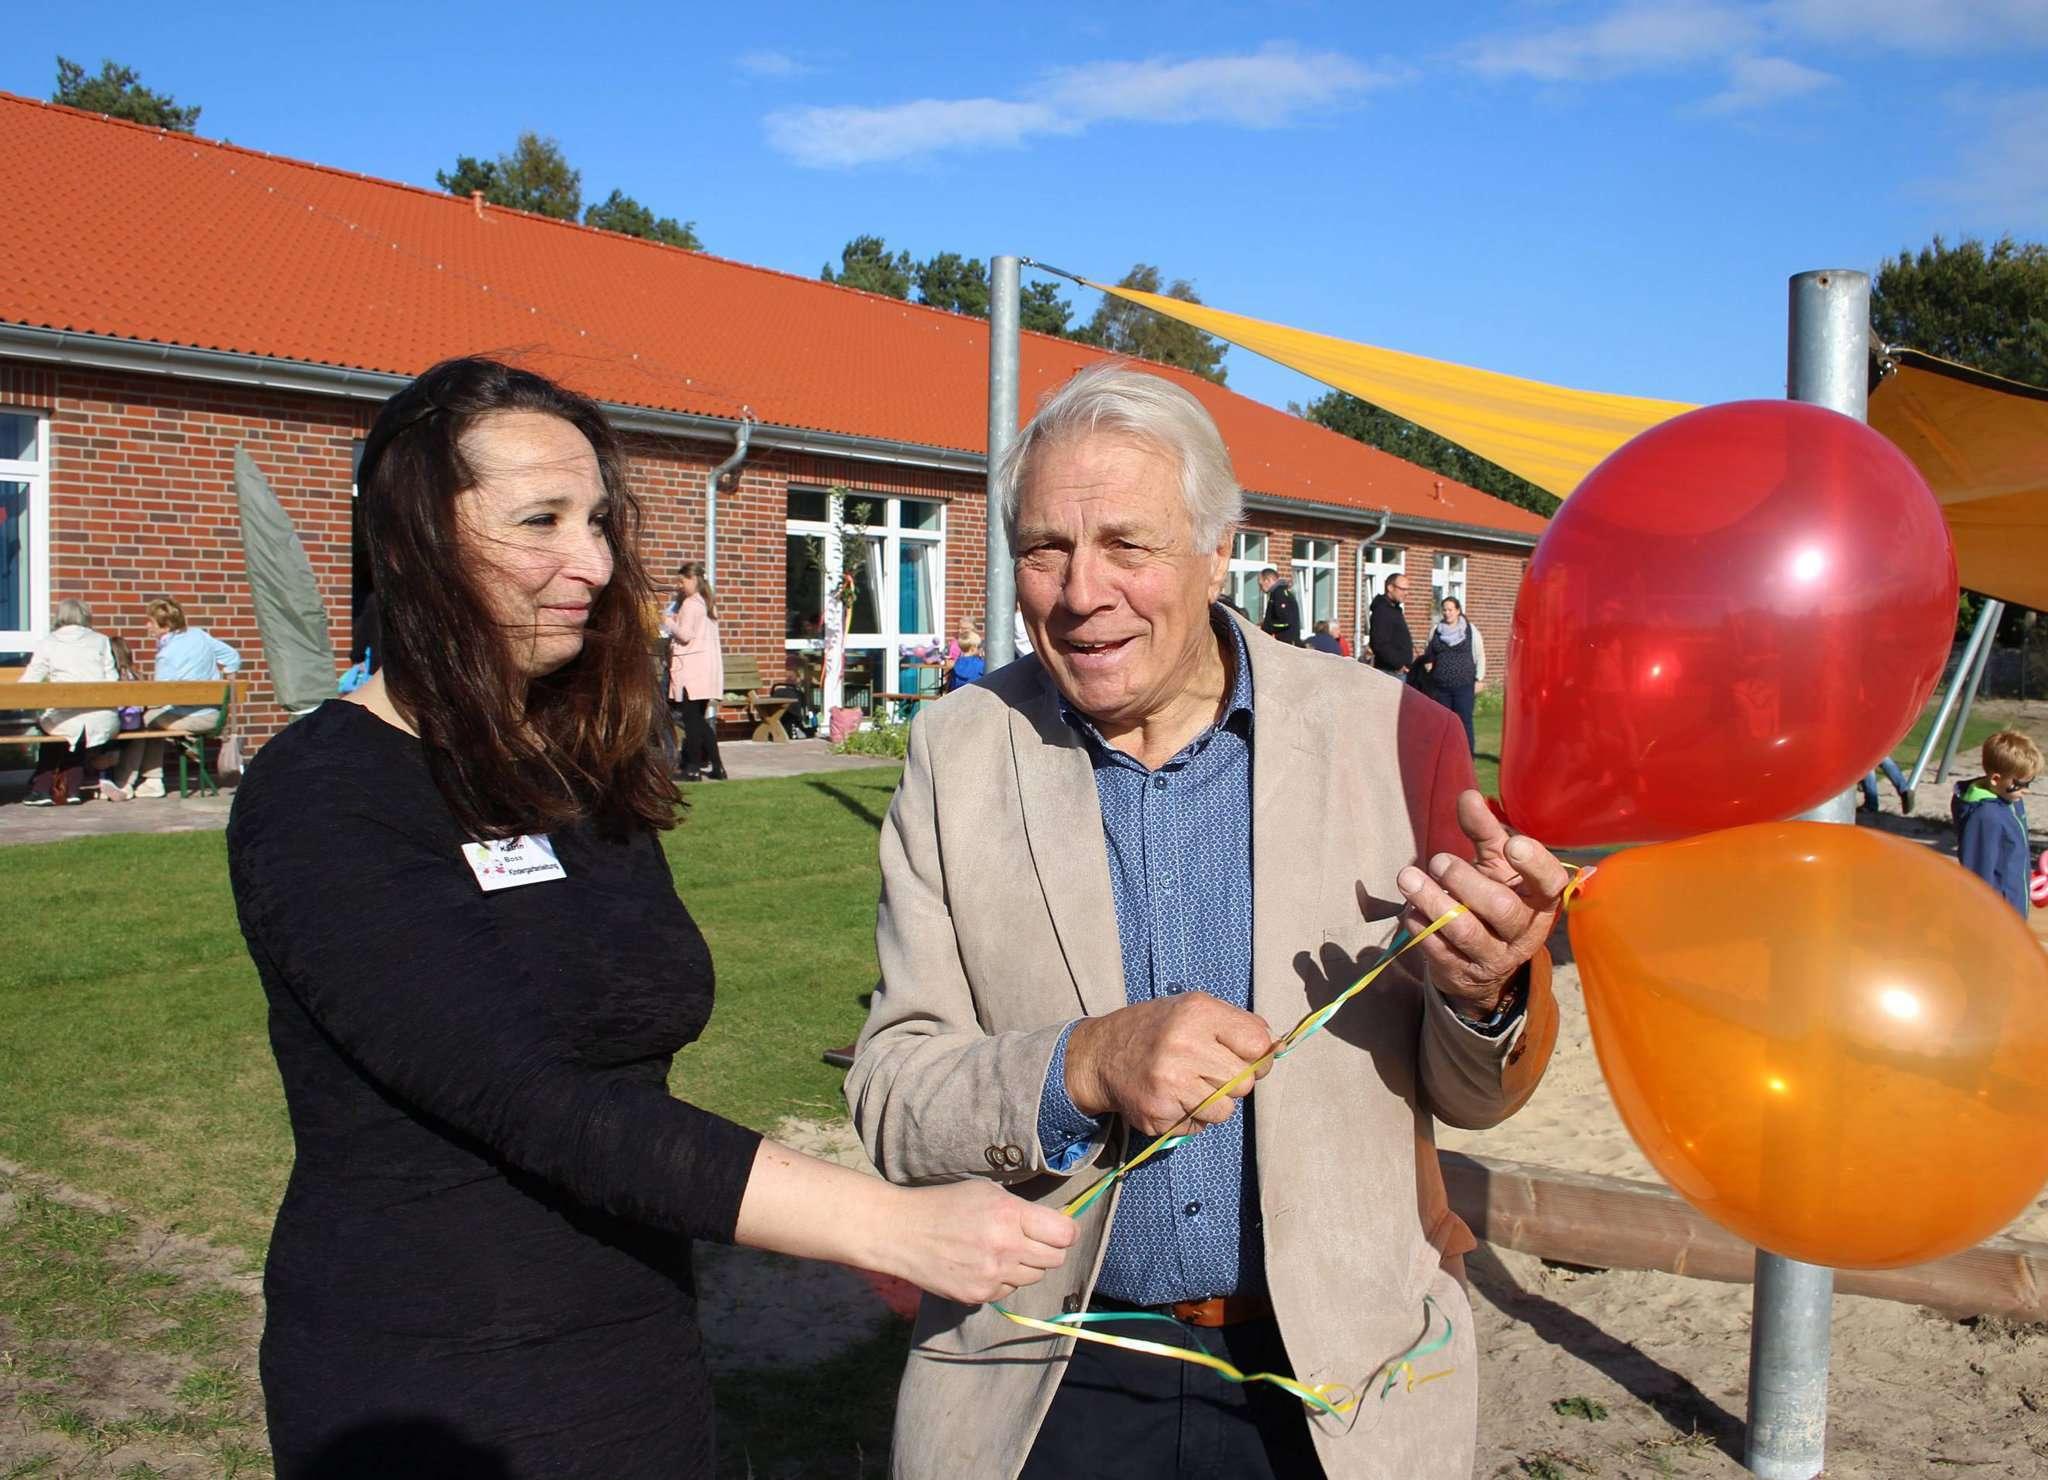 Kitaleiterin Katrin Boß und Bürgermeister Heinz Meyer entließen zwei Luftballons mit den besten Wünschen für den neuen Botheler Kindergarten in den Himmel. Foto: Henning Leeske